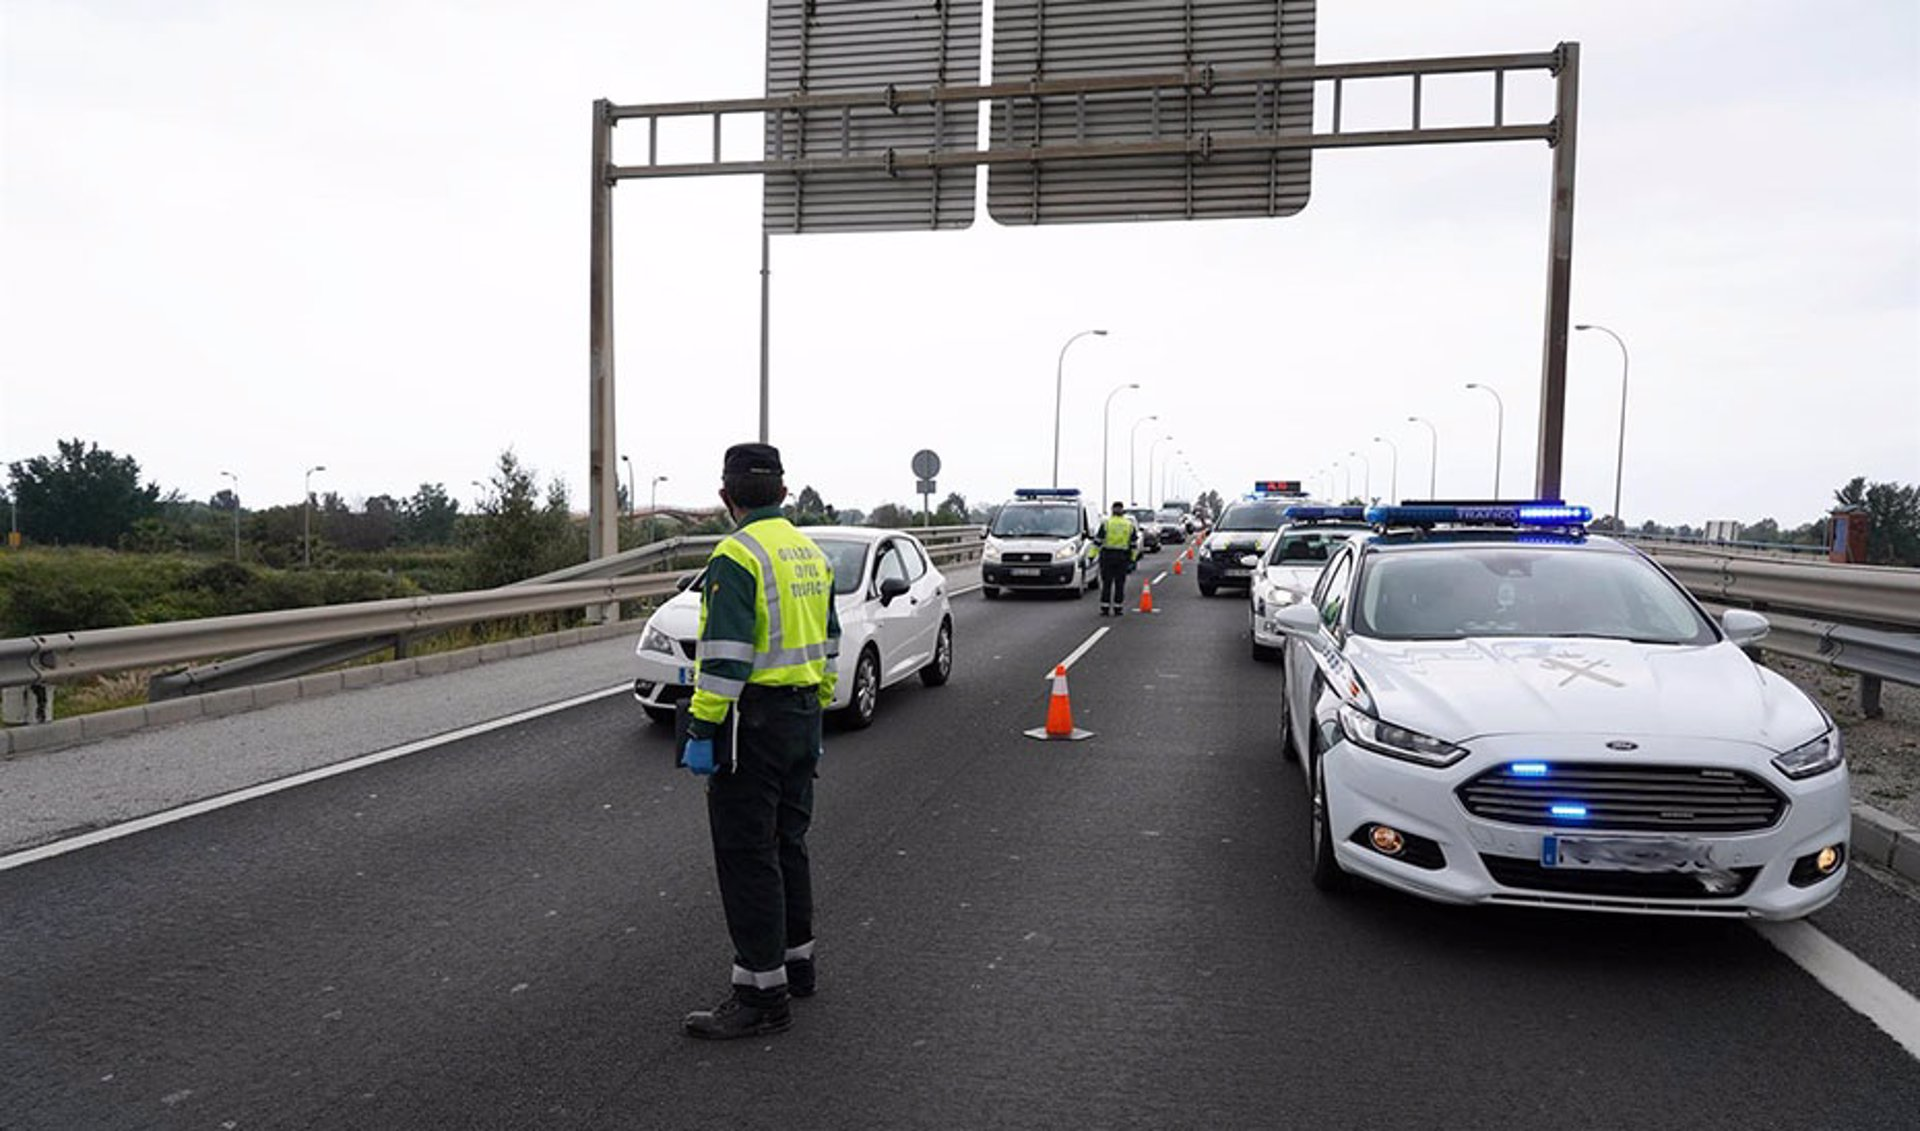 Muere un motorista en un accidente de tráfico con un turismo en Armilla